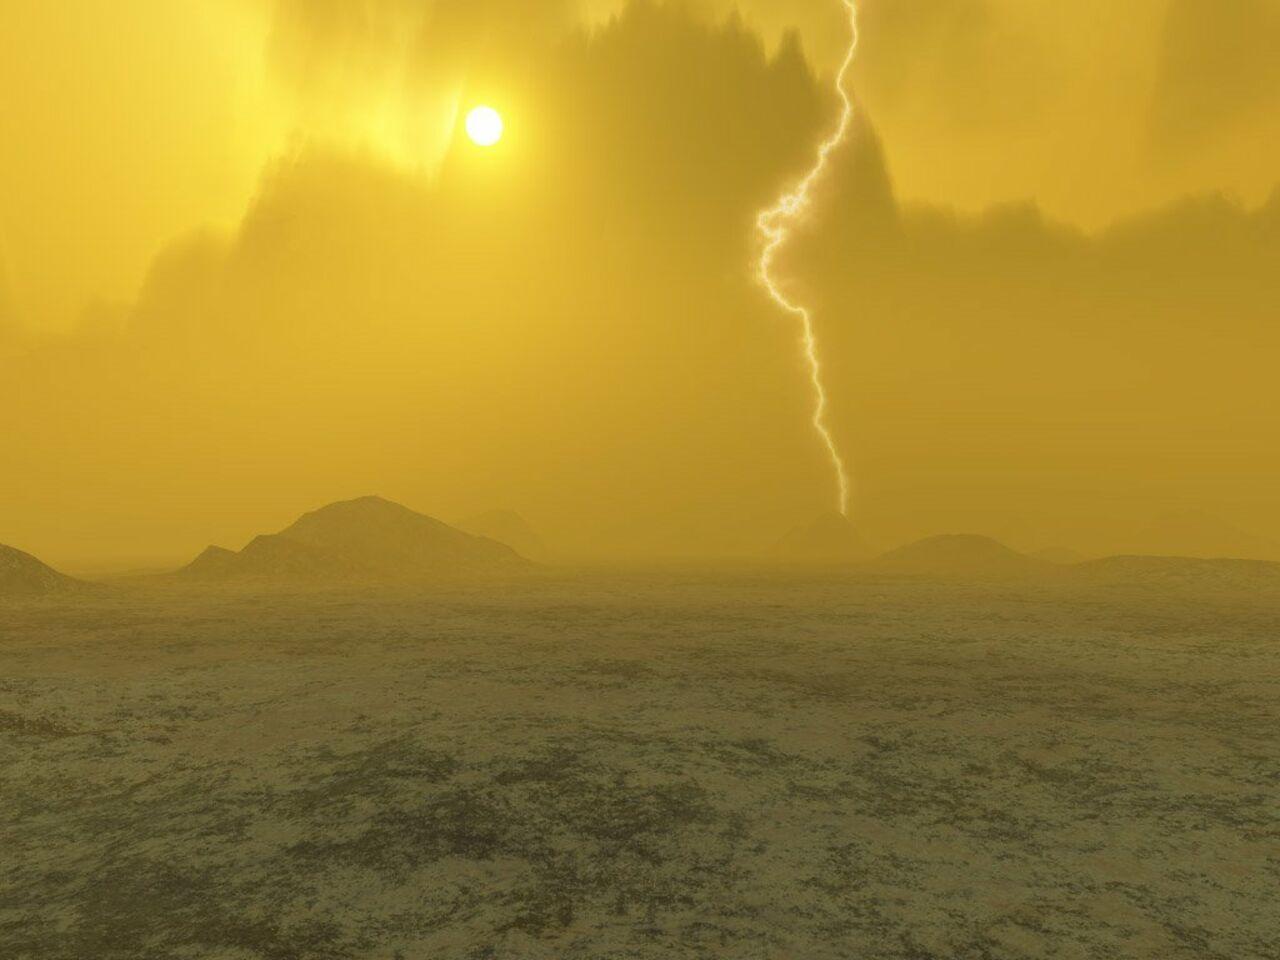 Вкислотных облаках Венеры отыскали признаки жизни